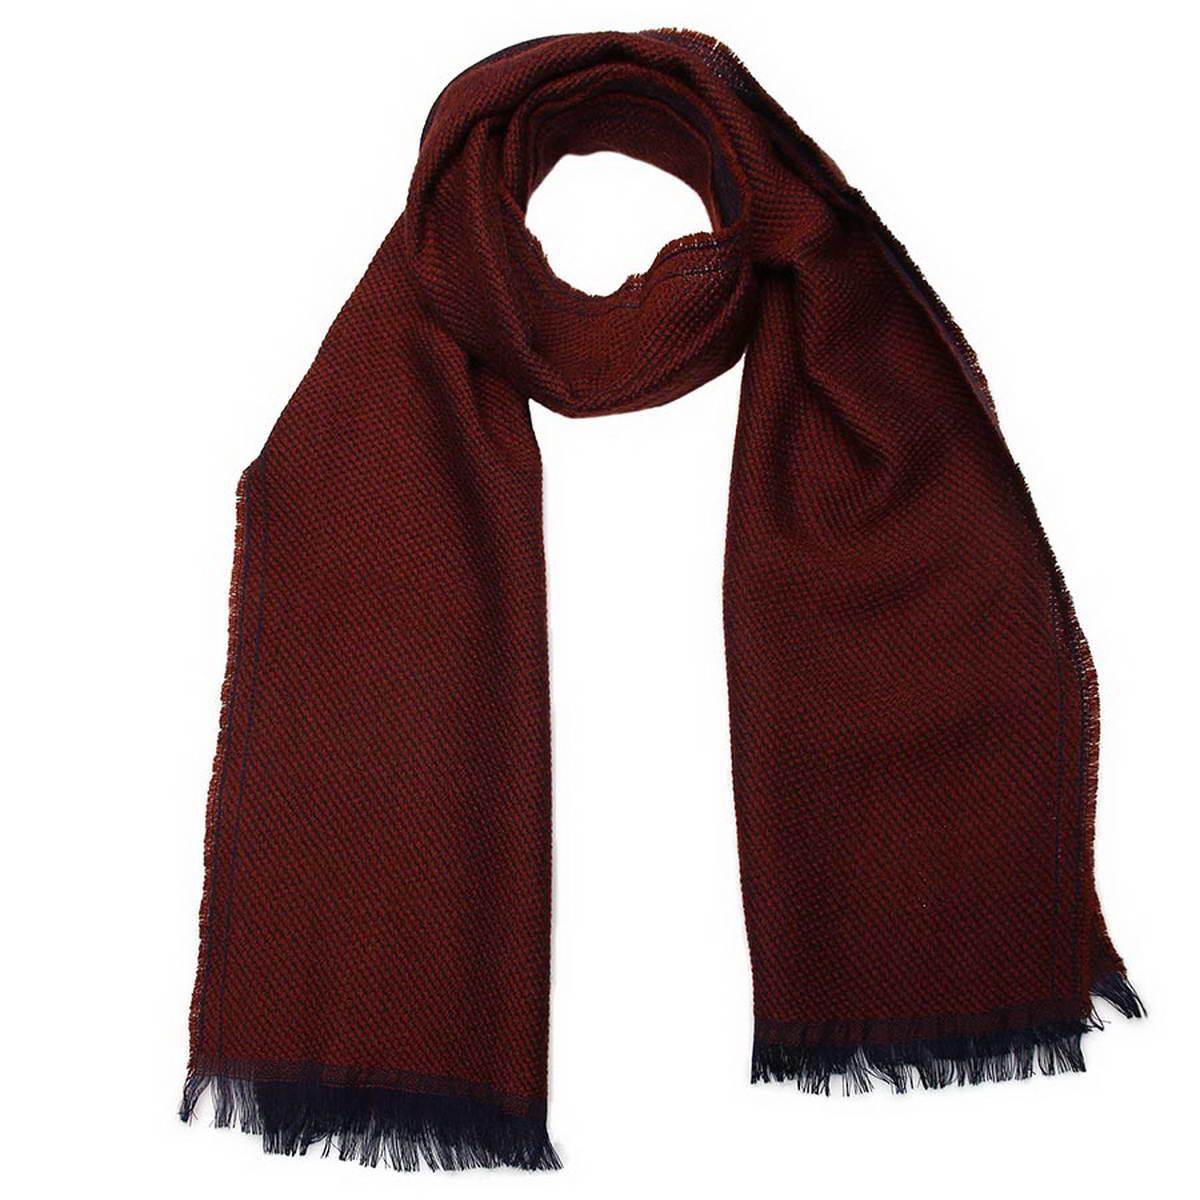 Шарф мужской Venera, цвет: темно-коричневый. 5001832-10. Размер 30 см х 160 см5001832-10Стильный мужской шарф Venera будет прекрасно согревать в осеннюю прохладу и морозы. Шарф выполнен из натуральной шерсти и оформлен по краям бахромой. Классический шарф идеально дополнит мужской образ, а ненавязчивый дизайн сделает аксессуар универсальной вещью, которая удачно дополнит любую верхнюю одежду мужчины, подчеркнет неповторимый вкус и элегантность.